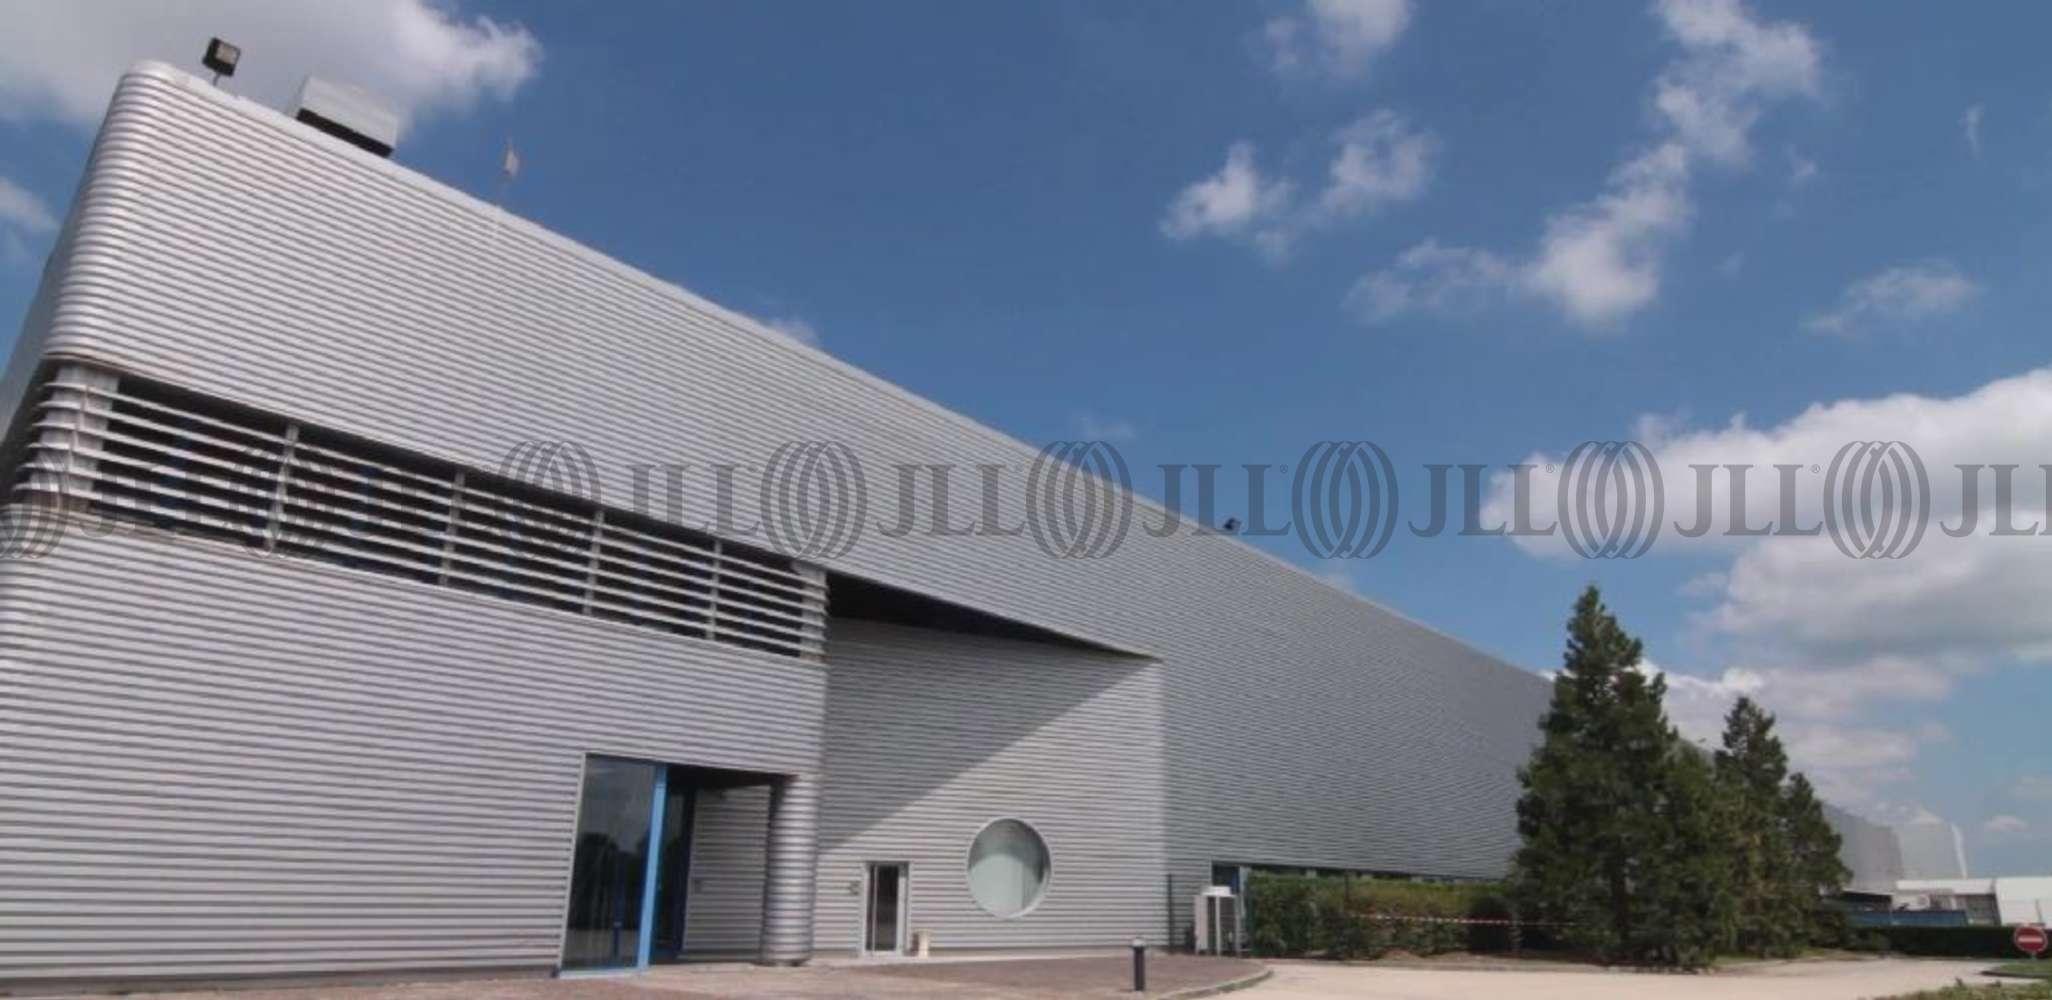 Plateformes logistiques Vaulx milieu, 38090 - LOCATION ENTREPOT LYON EST - ISÈRE - 9453677